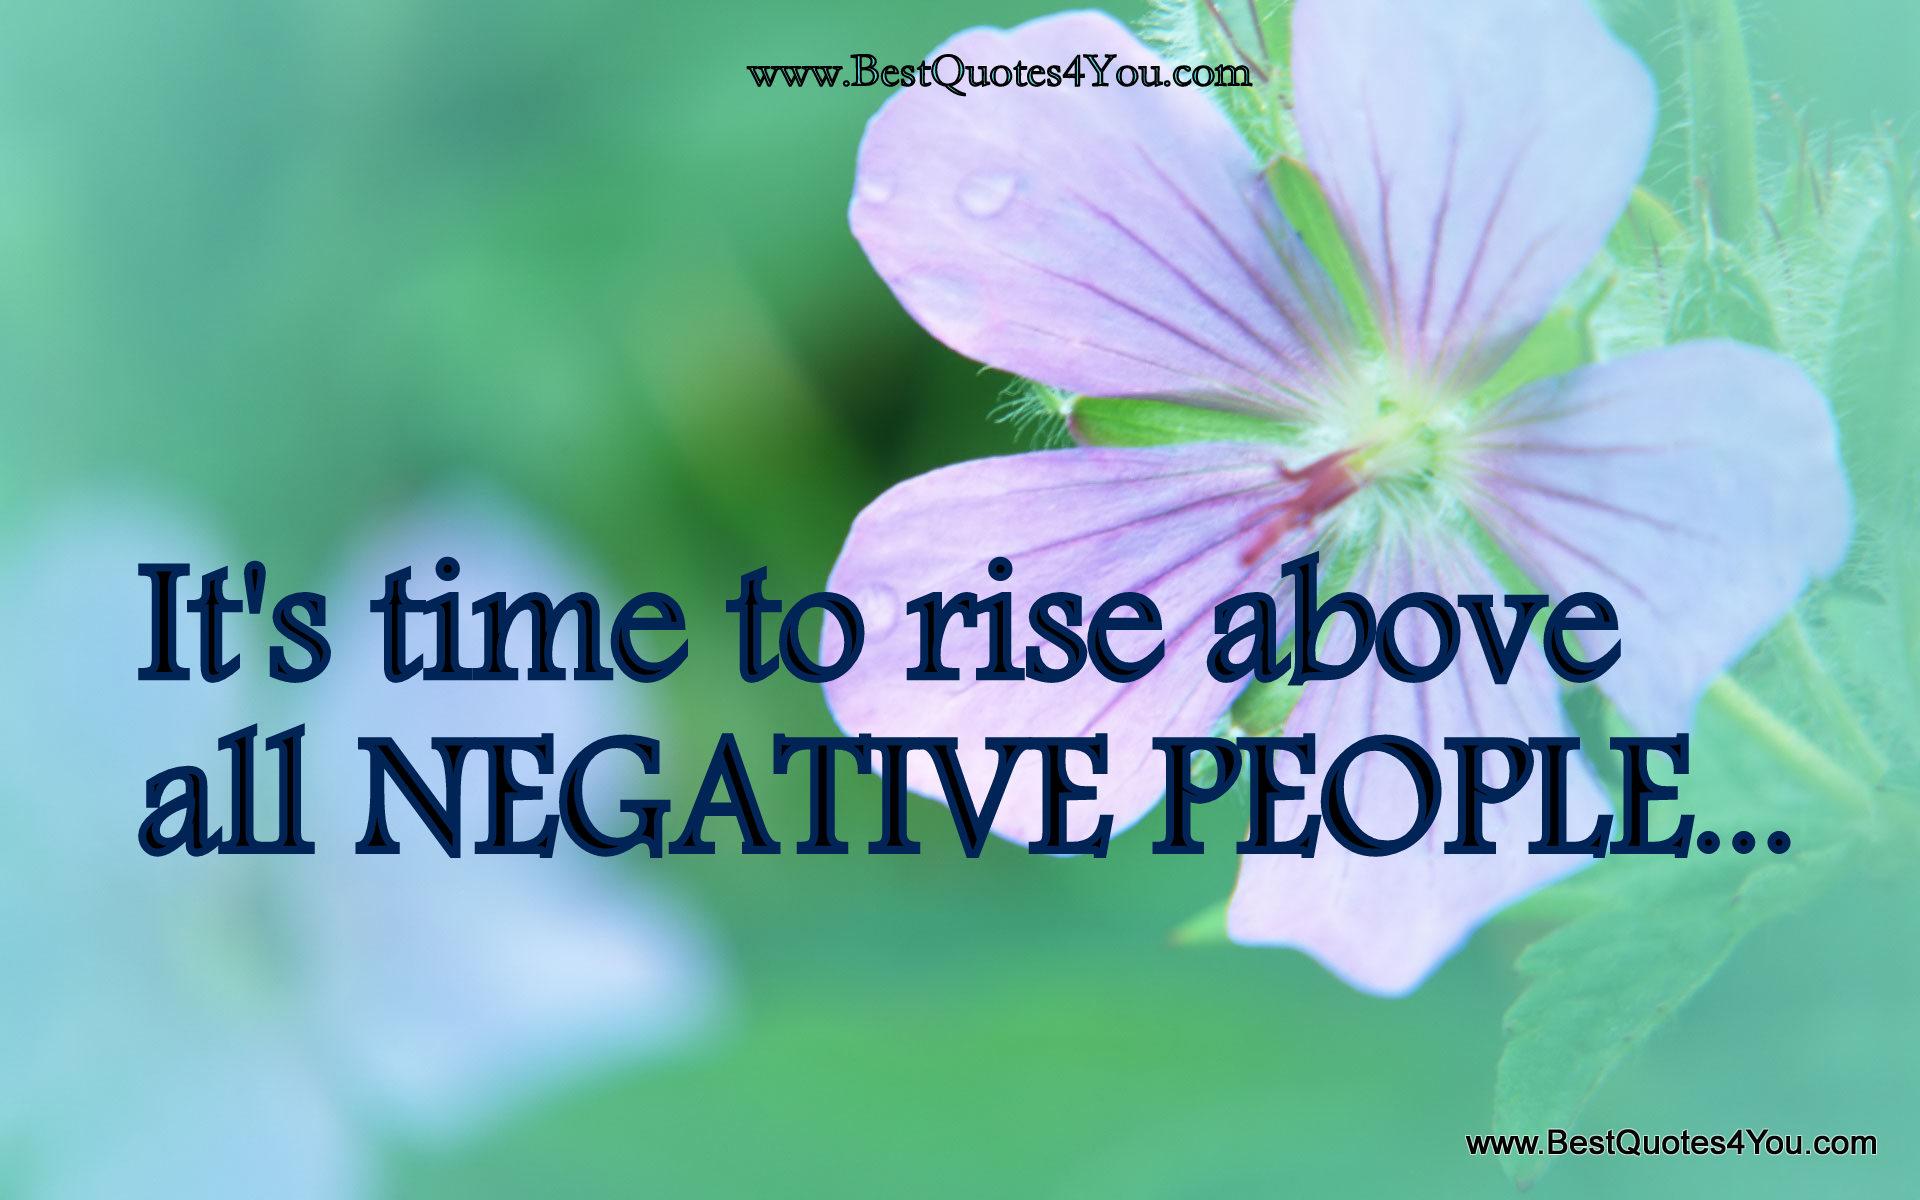 Negative quote #5